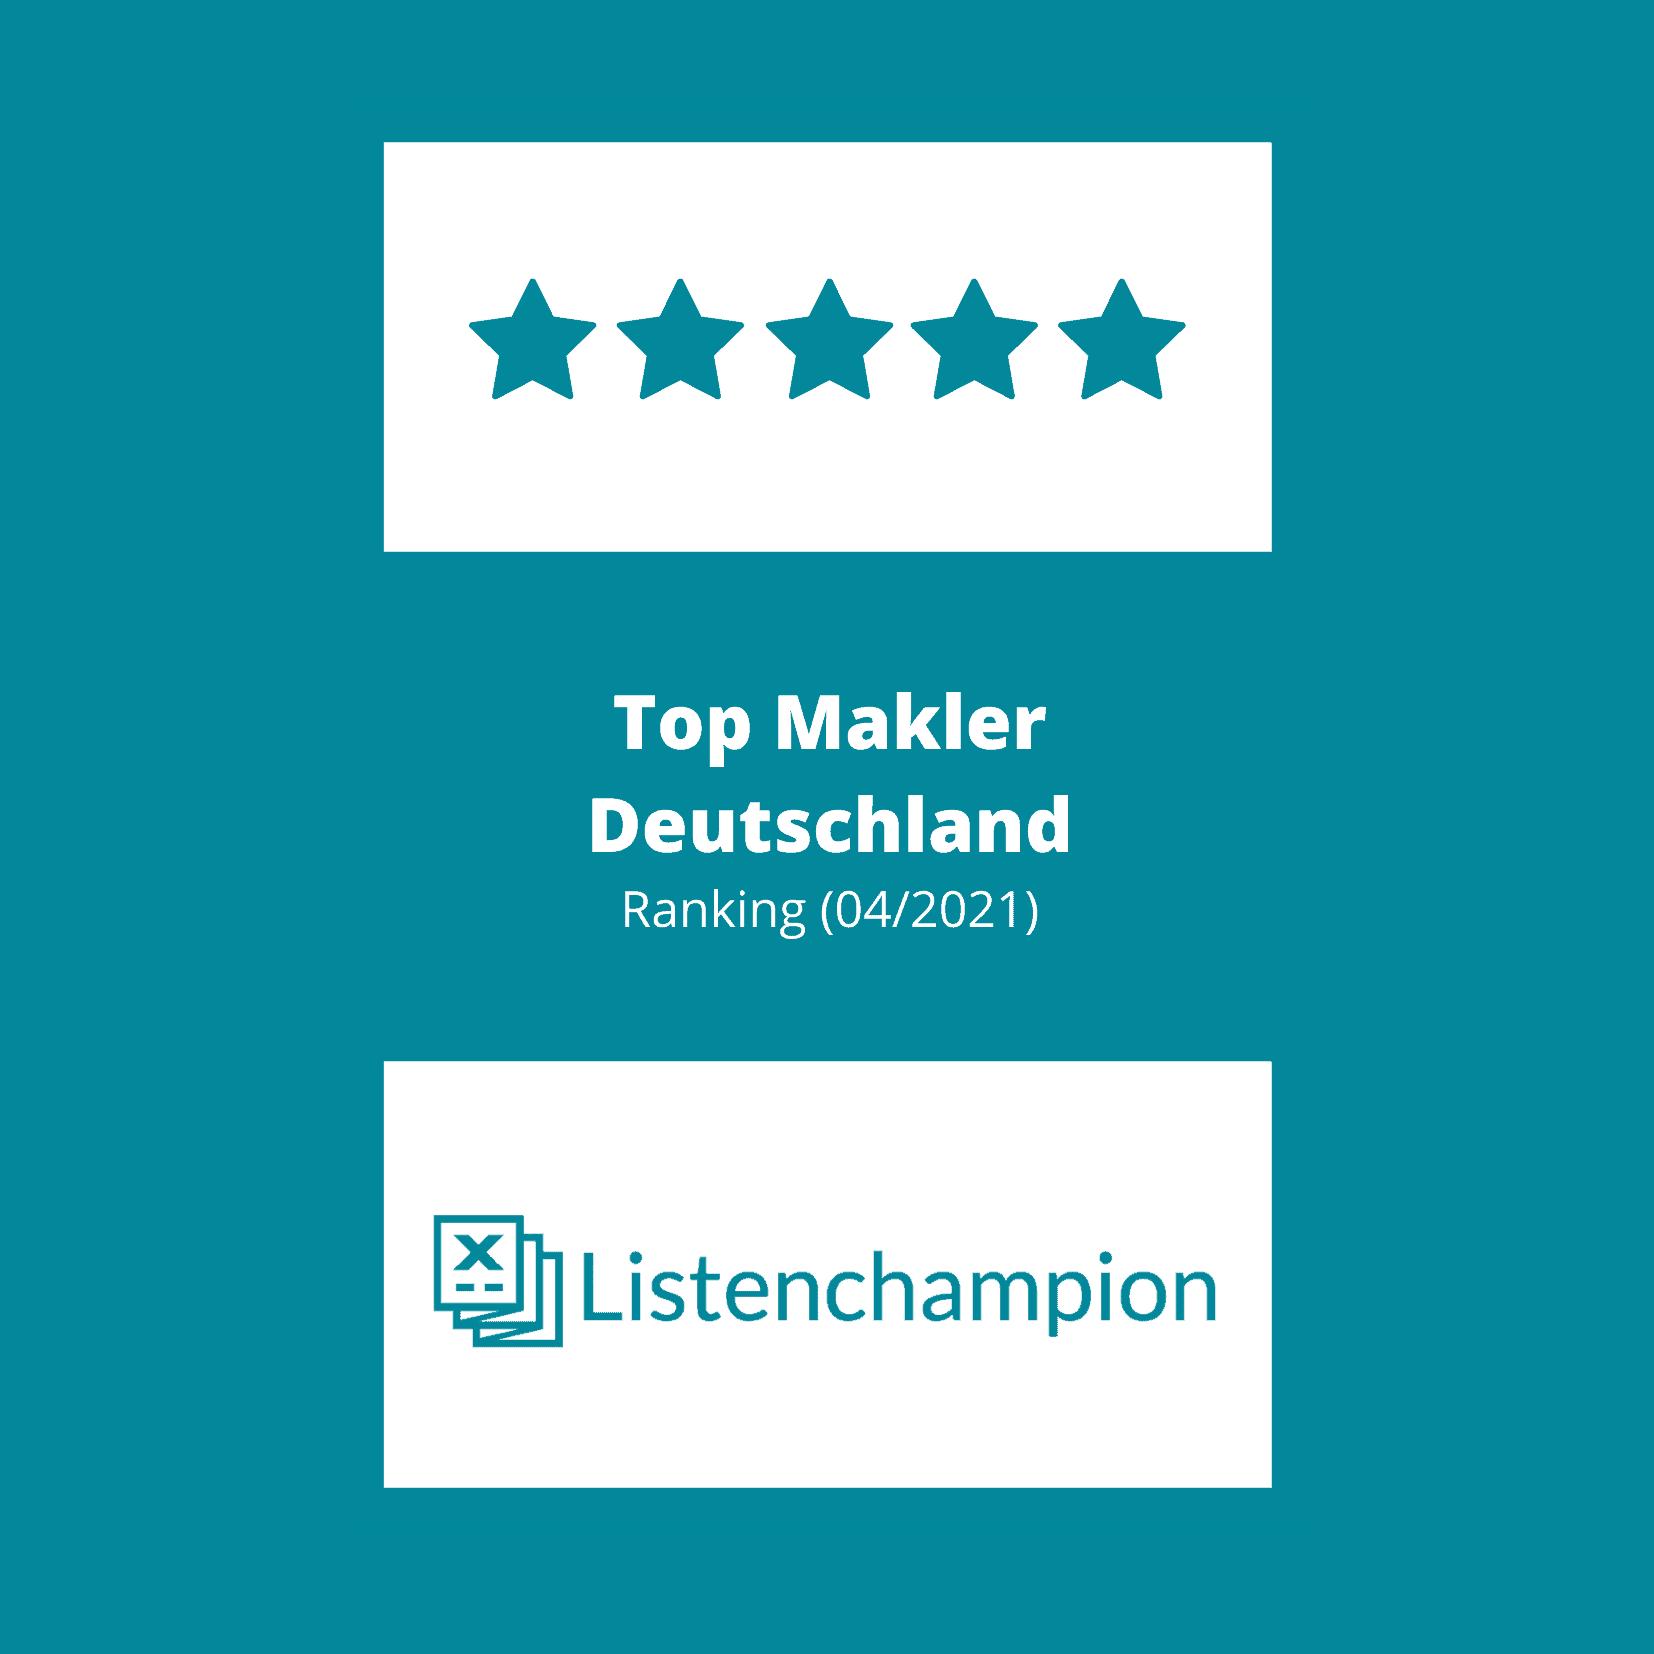 Liste der Top Makler in Deutschland Ranking 2021